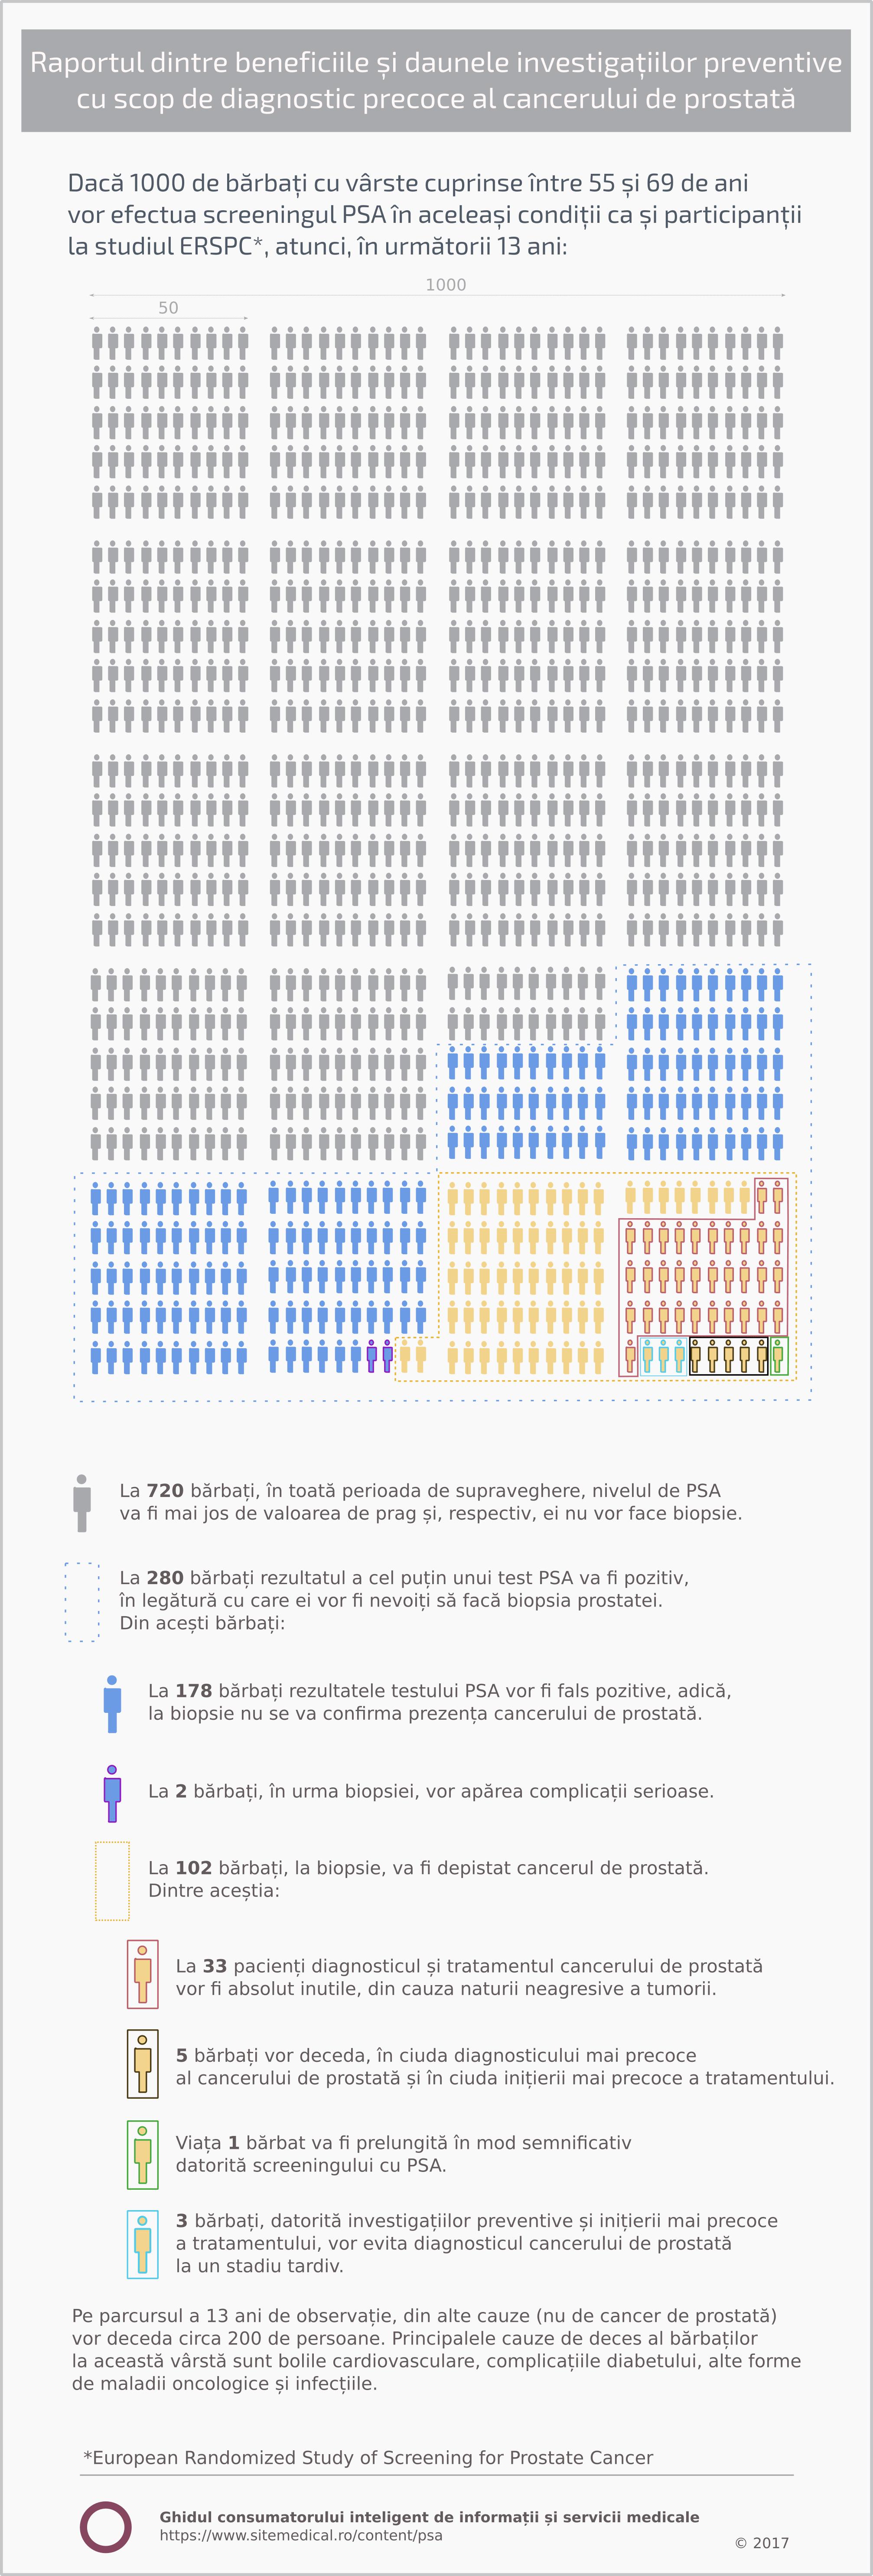 Raportul dintre beneficiile și riscurile investigațiilor preventive cu scop de protecție împotriva cancerului de prostată